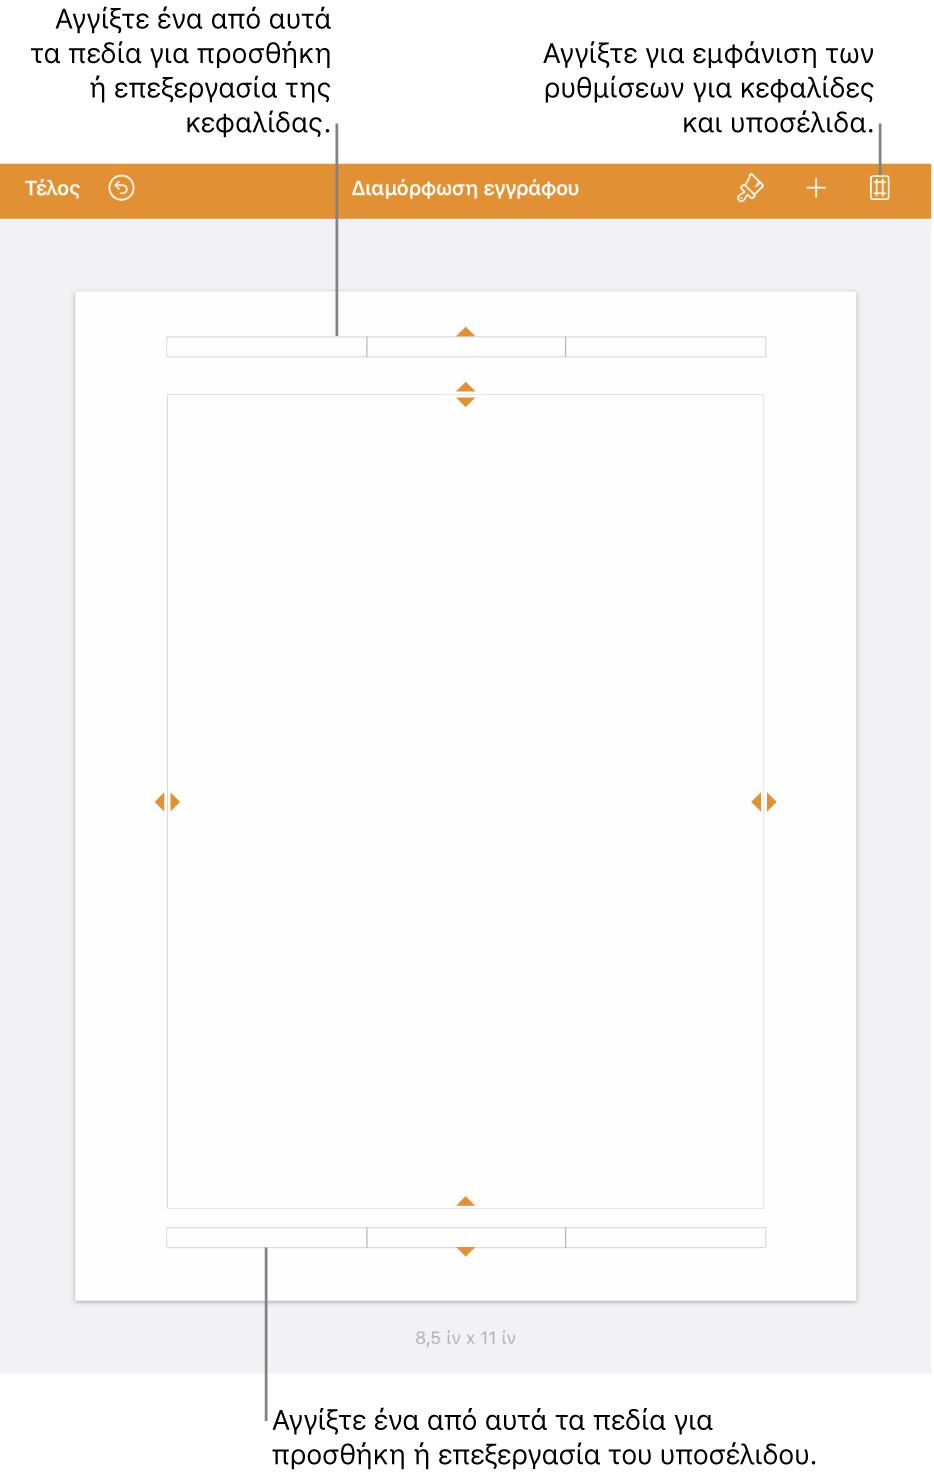 Προβολή «Διαμόρφωση εγγράφου» με τρία πεδία στο πάνω και στο κάτω μέρος του εγγράφου.